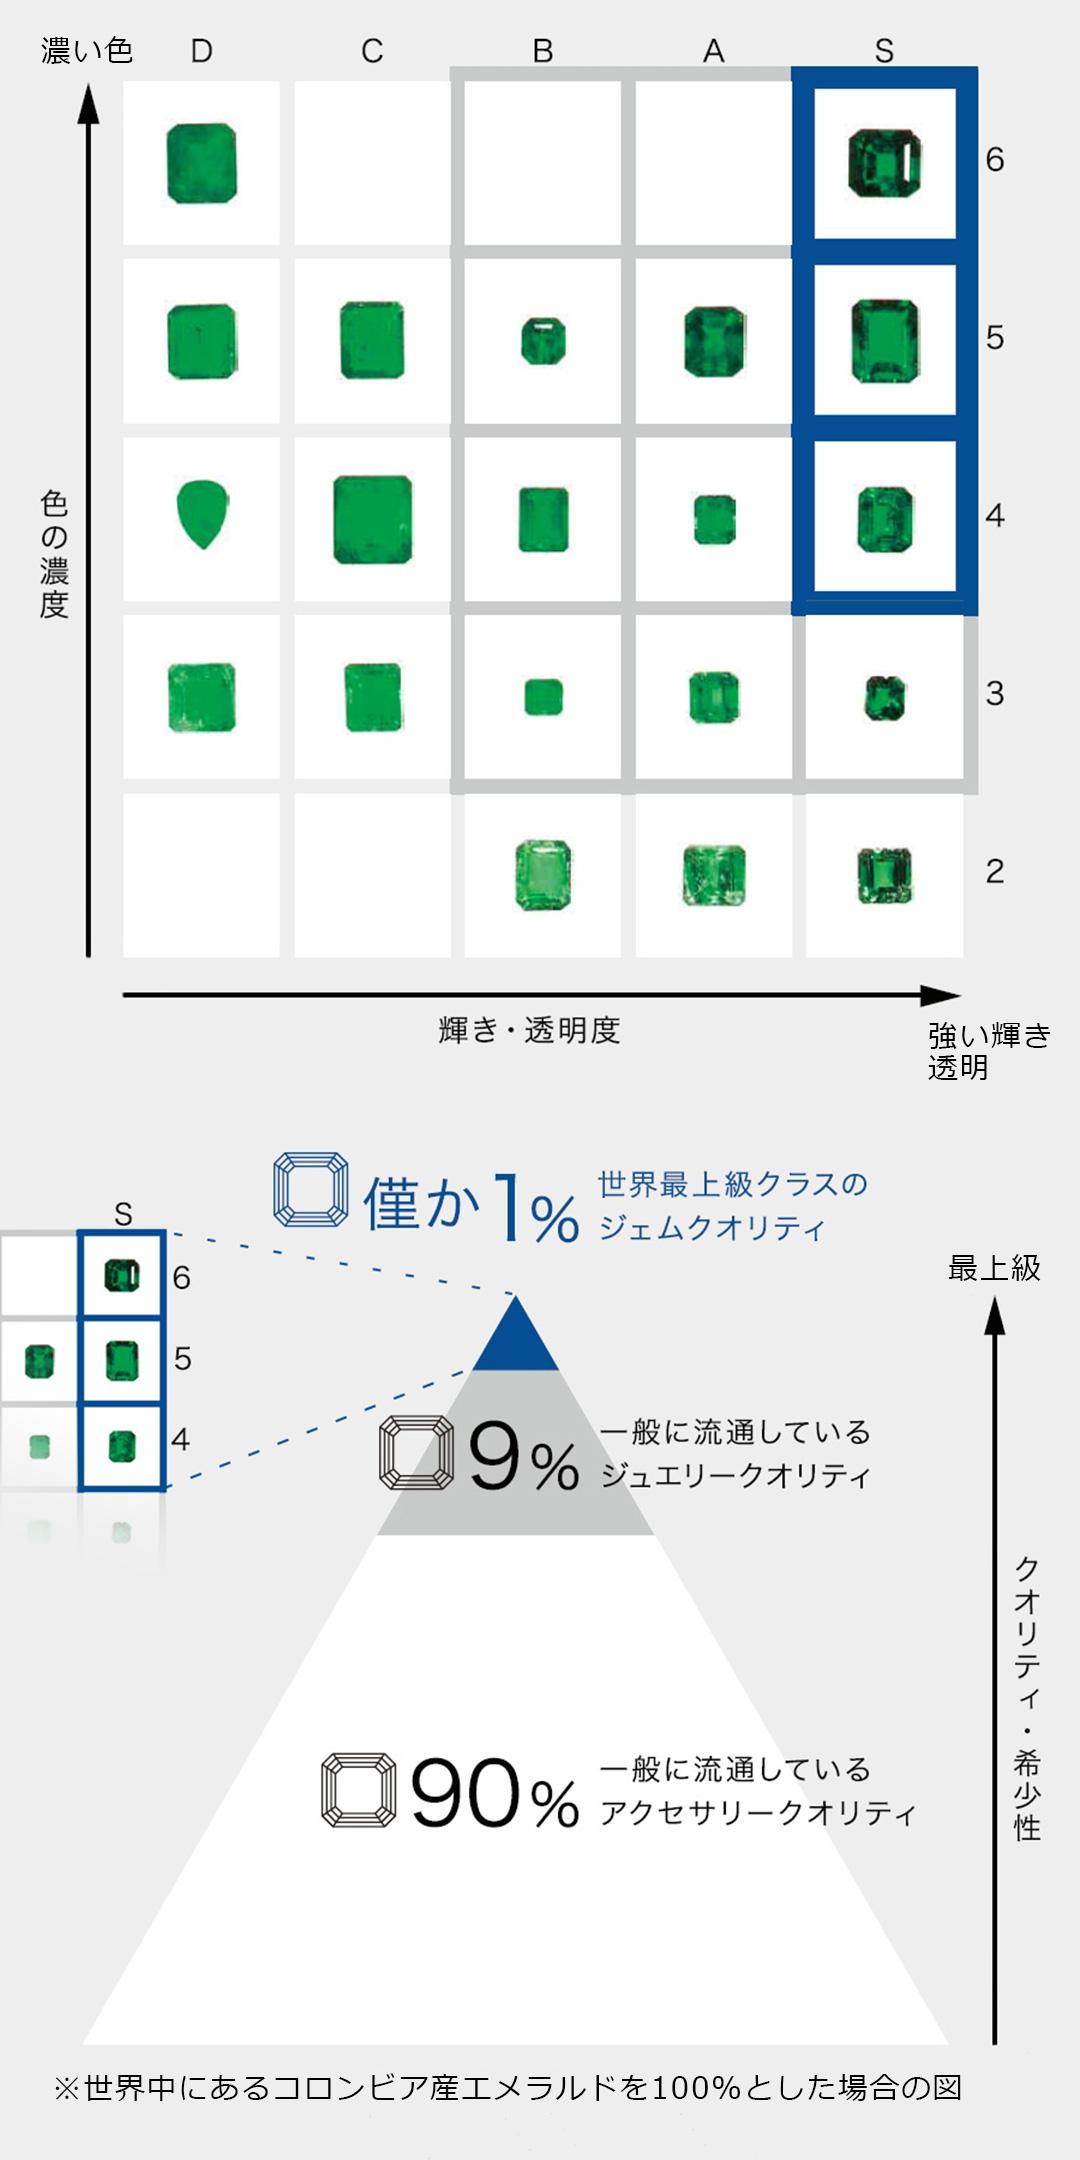 エメラルドを例とした品質チャートとハナジマが取り扱う品質 モバイル用